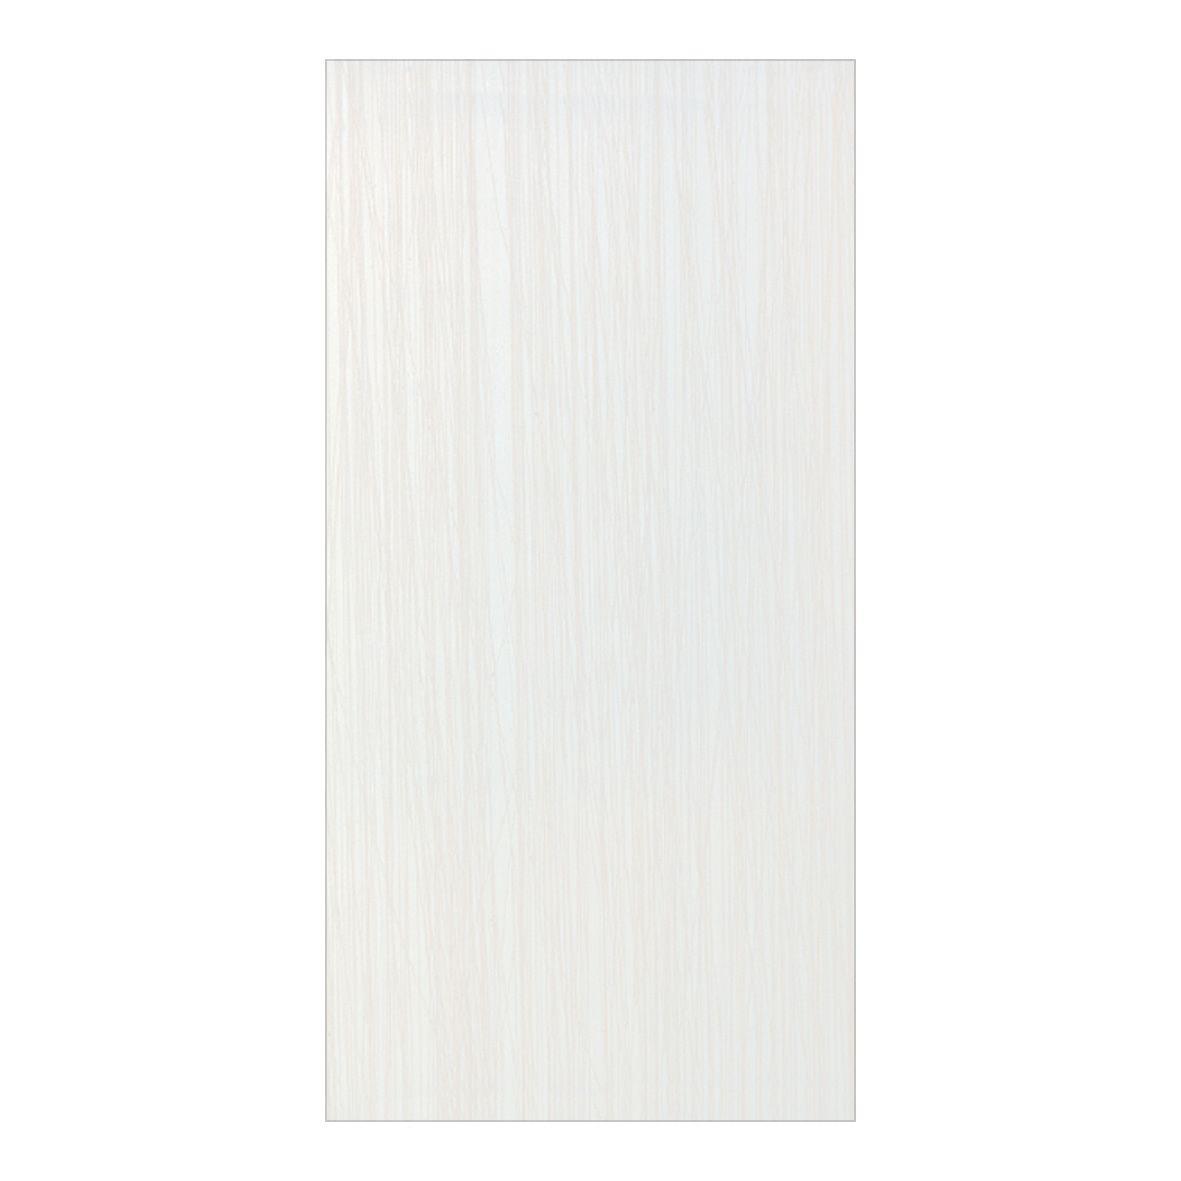 Vitra Elegant White Bathroom & Kitchen Wall Tiles | Gemini Tiles ...